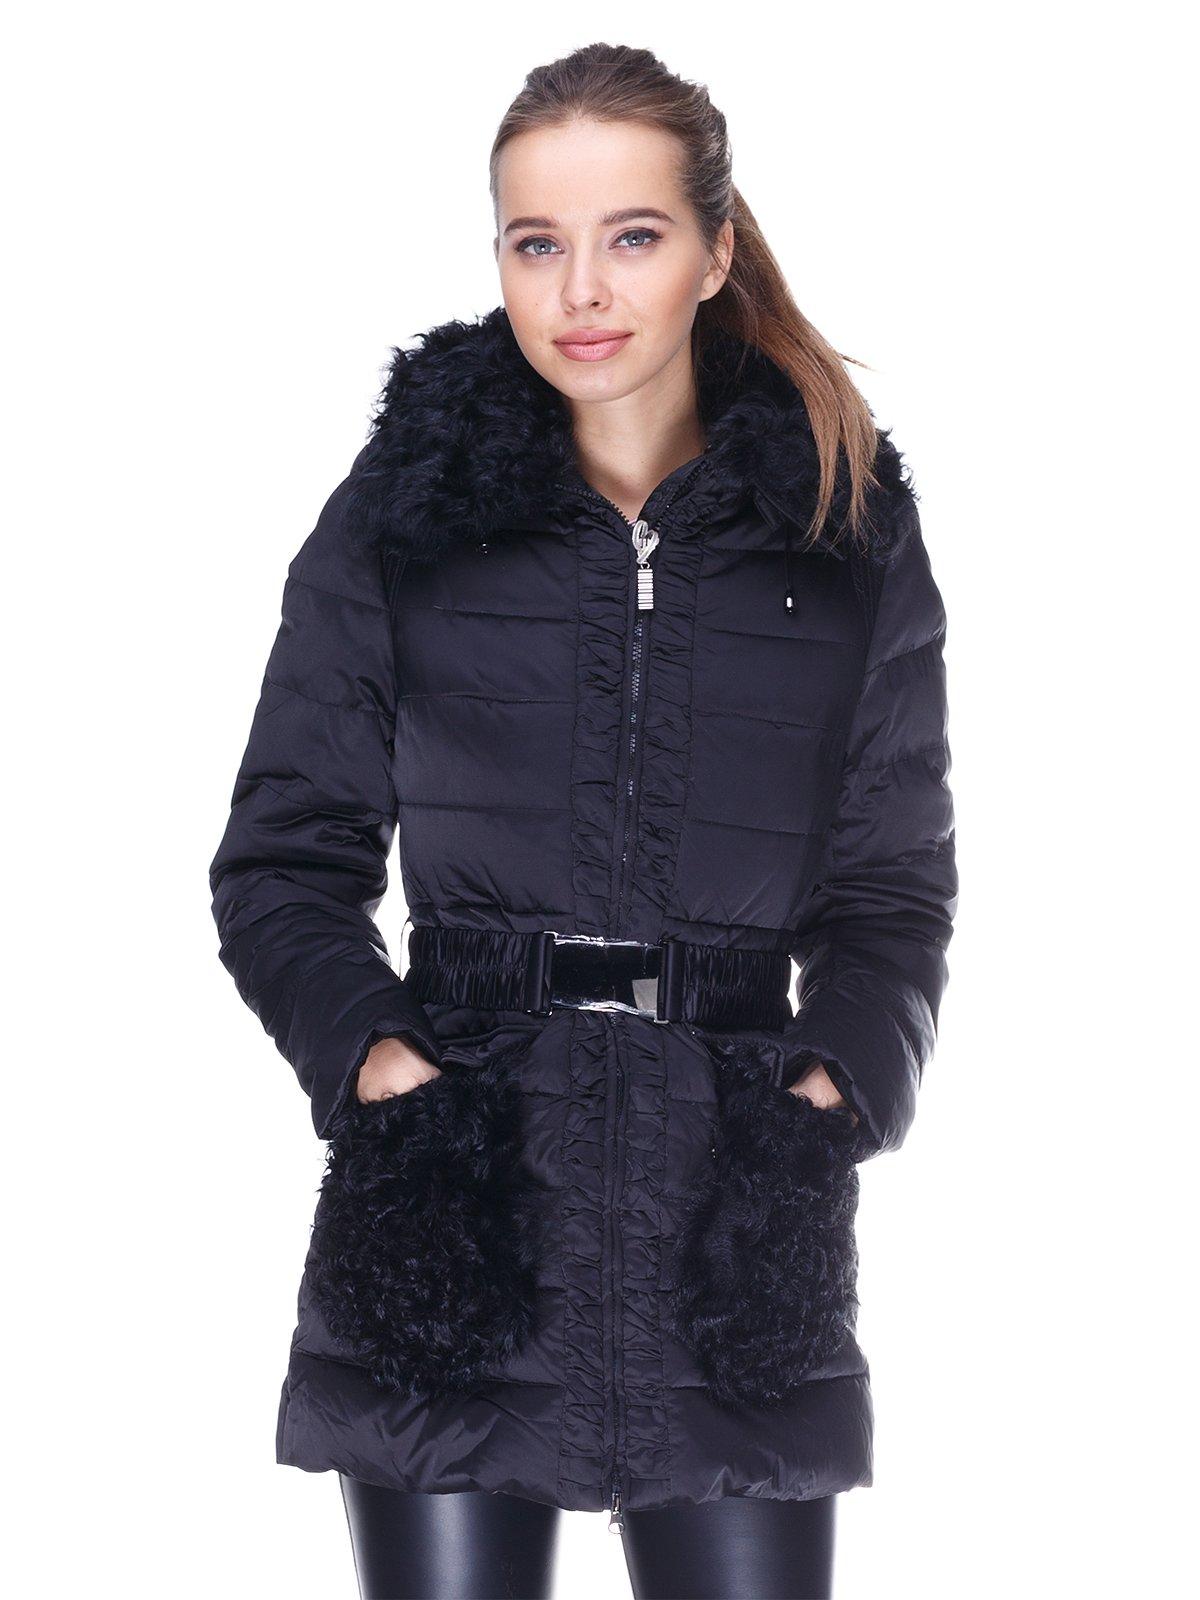 Куртка черная пуховая | 254401